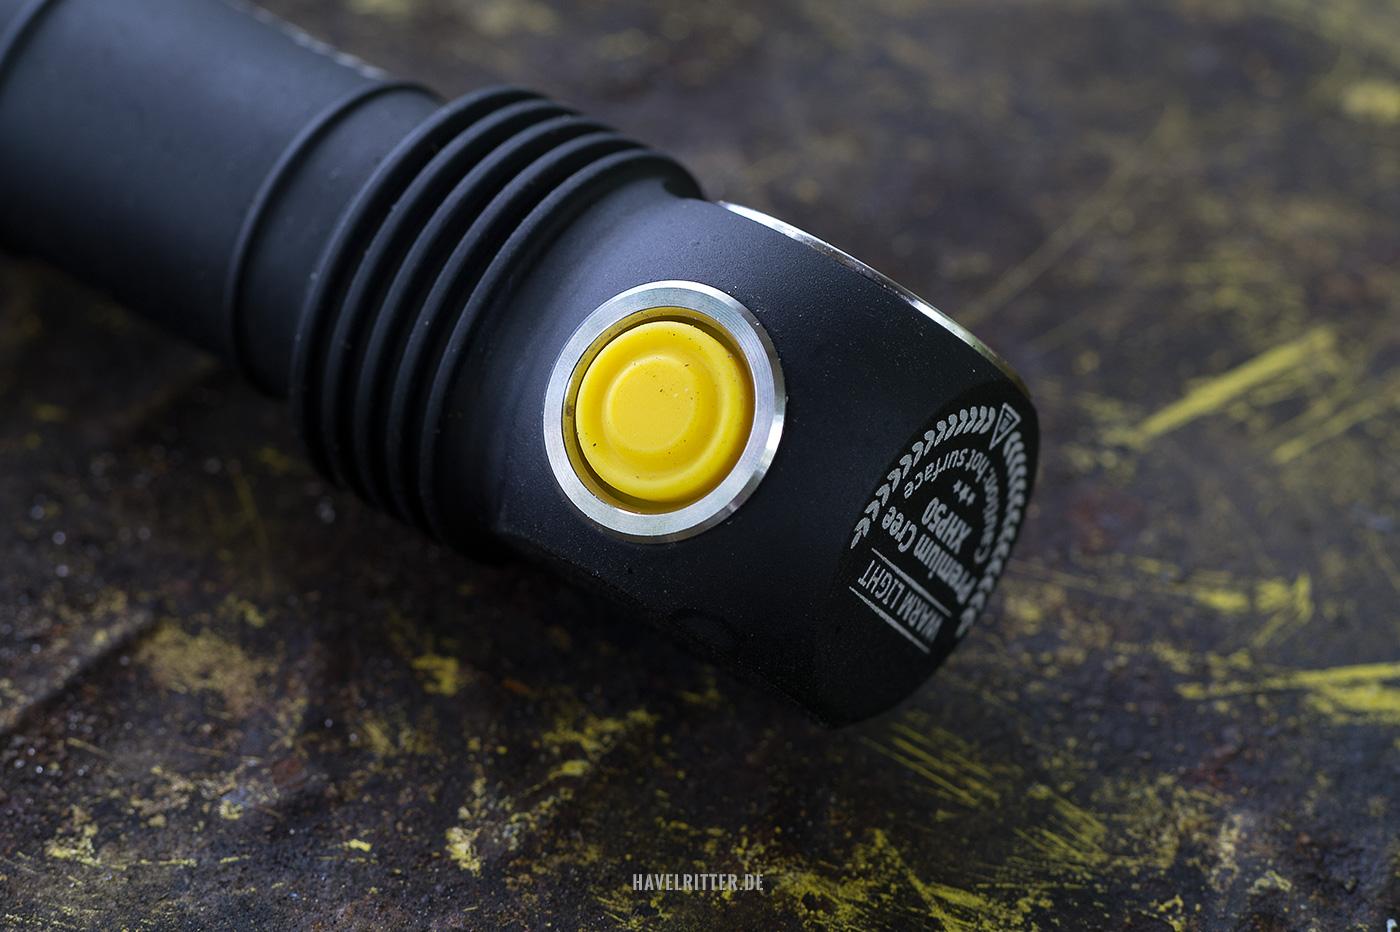 Armytek Wizard Pro - Lampenkopf mit Taster und LED